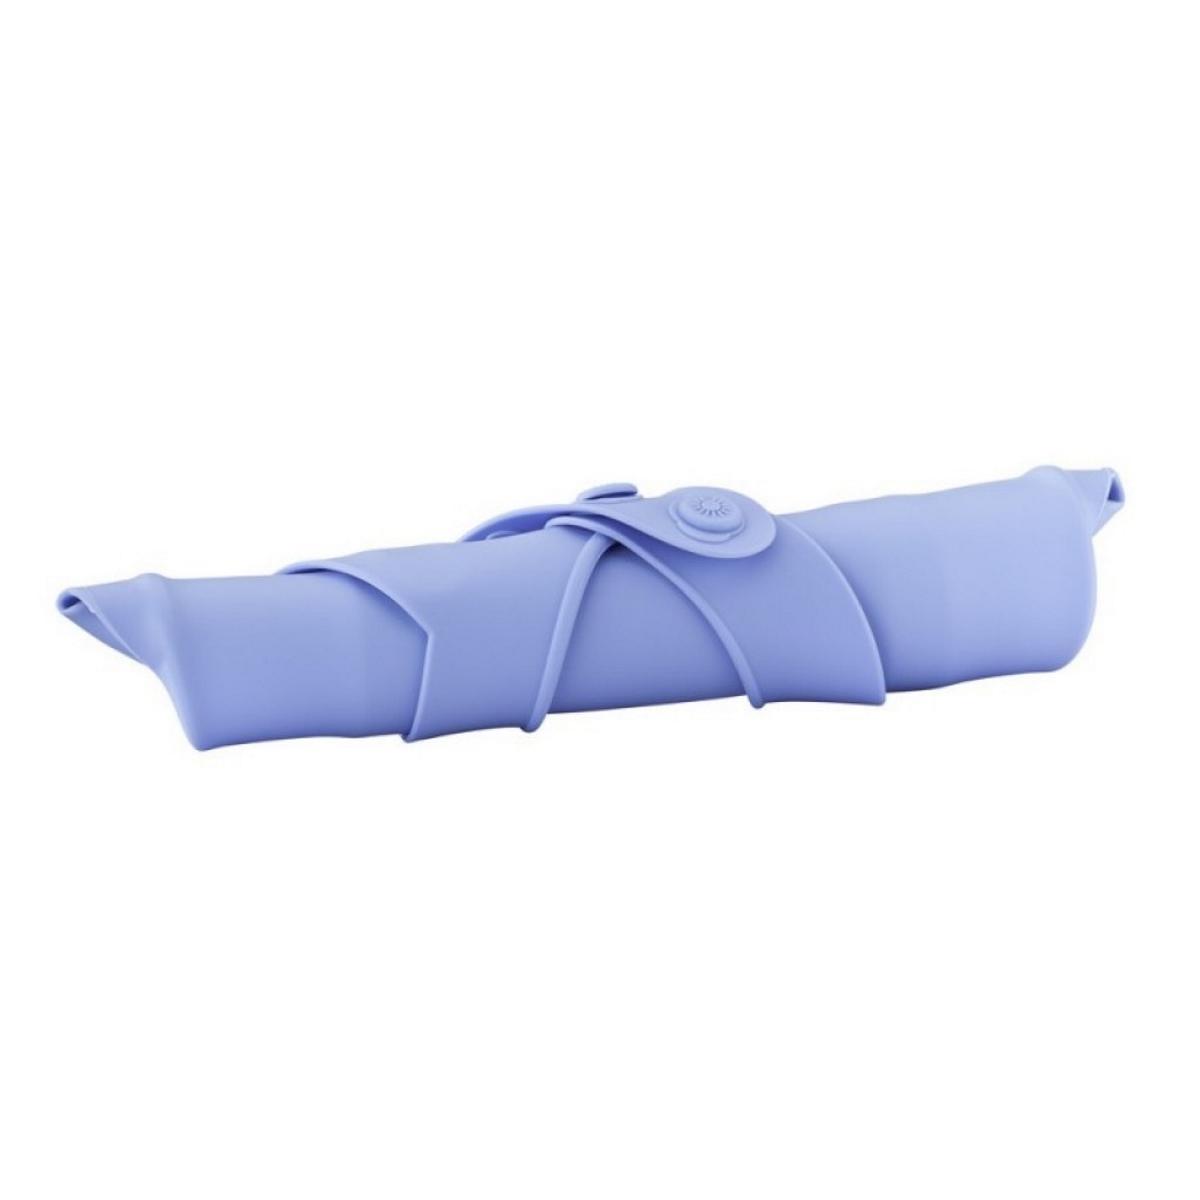 Babete suave de silicone Make My Day Soft Bib